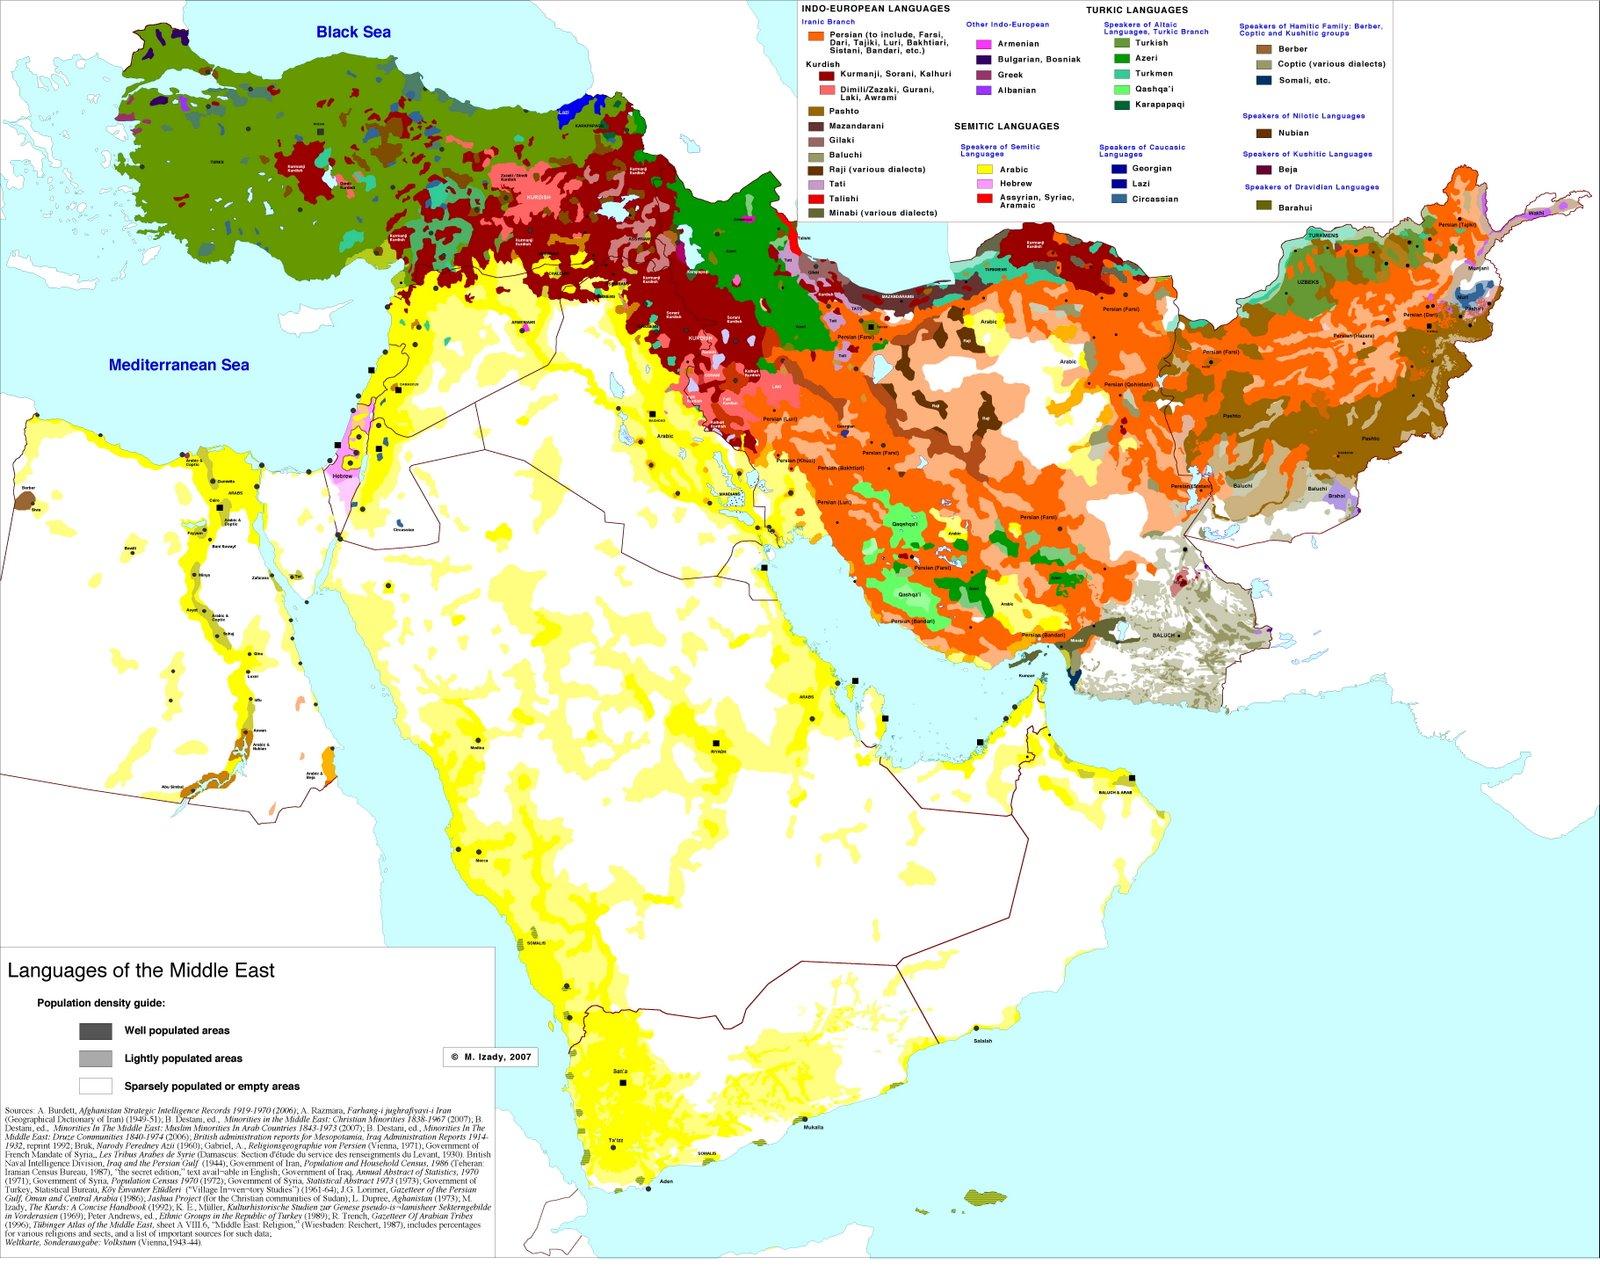 Lenguas de Oriente Medio